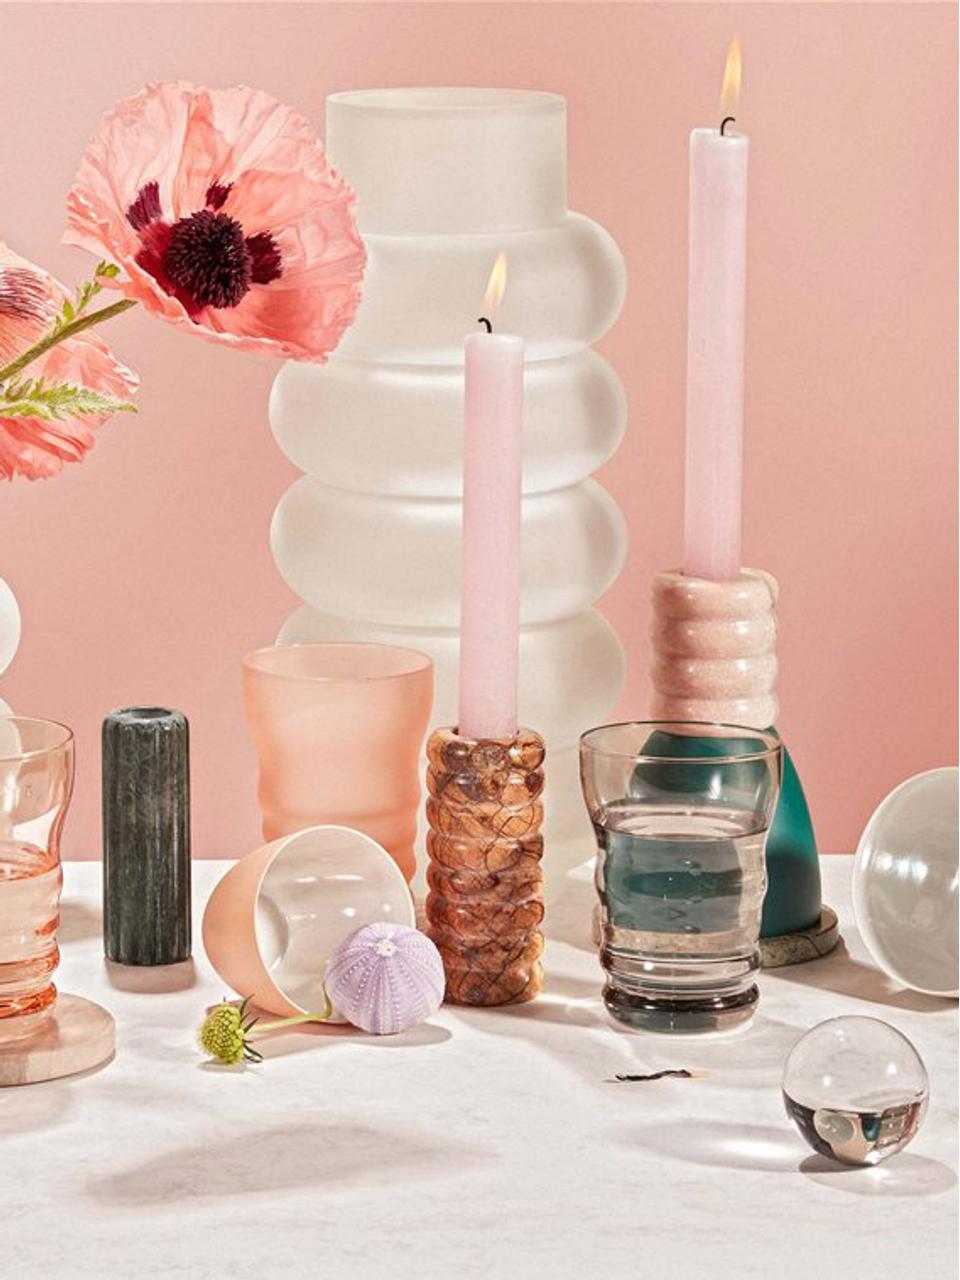 Wassergläser Bubble milchig/glänzend, 4er-Set, Milch- und glänzendes Glas, Rosa, Transparent, Ø 8 x H 11 cm